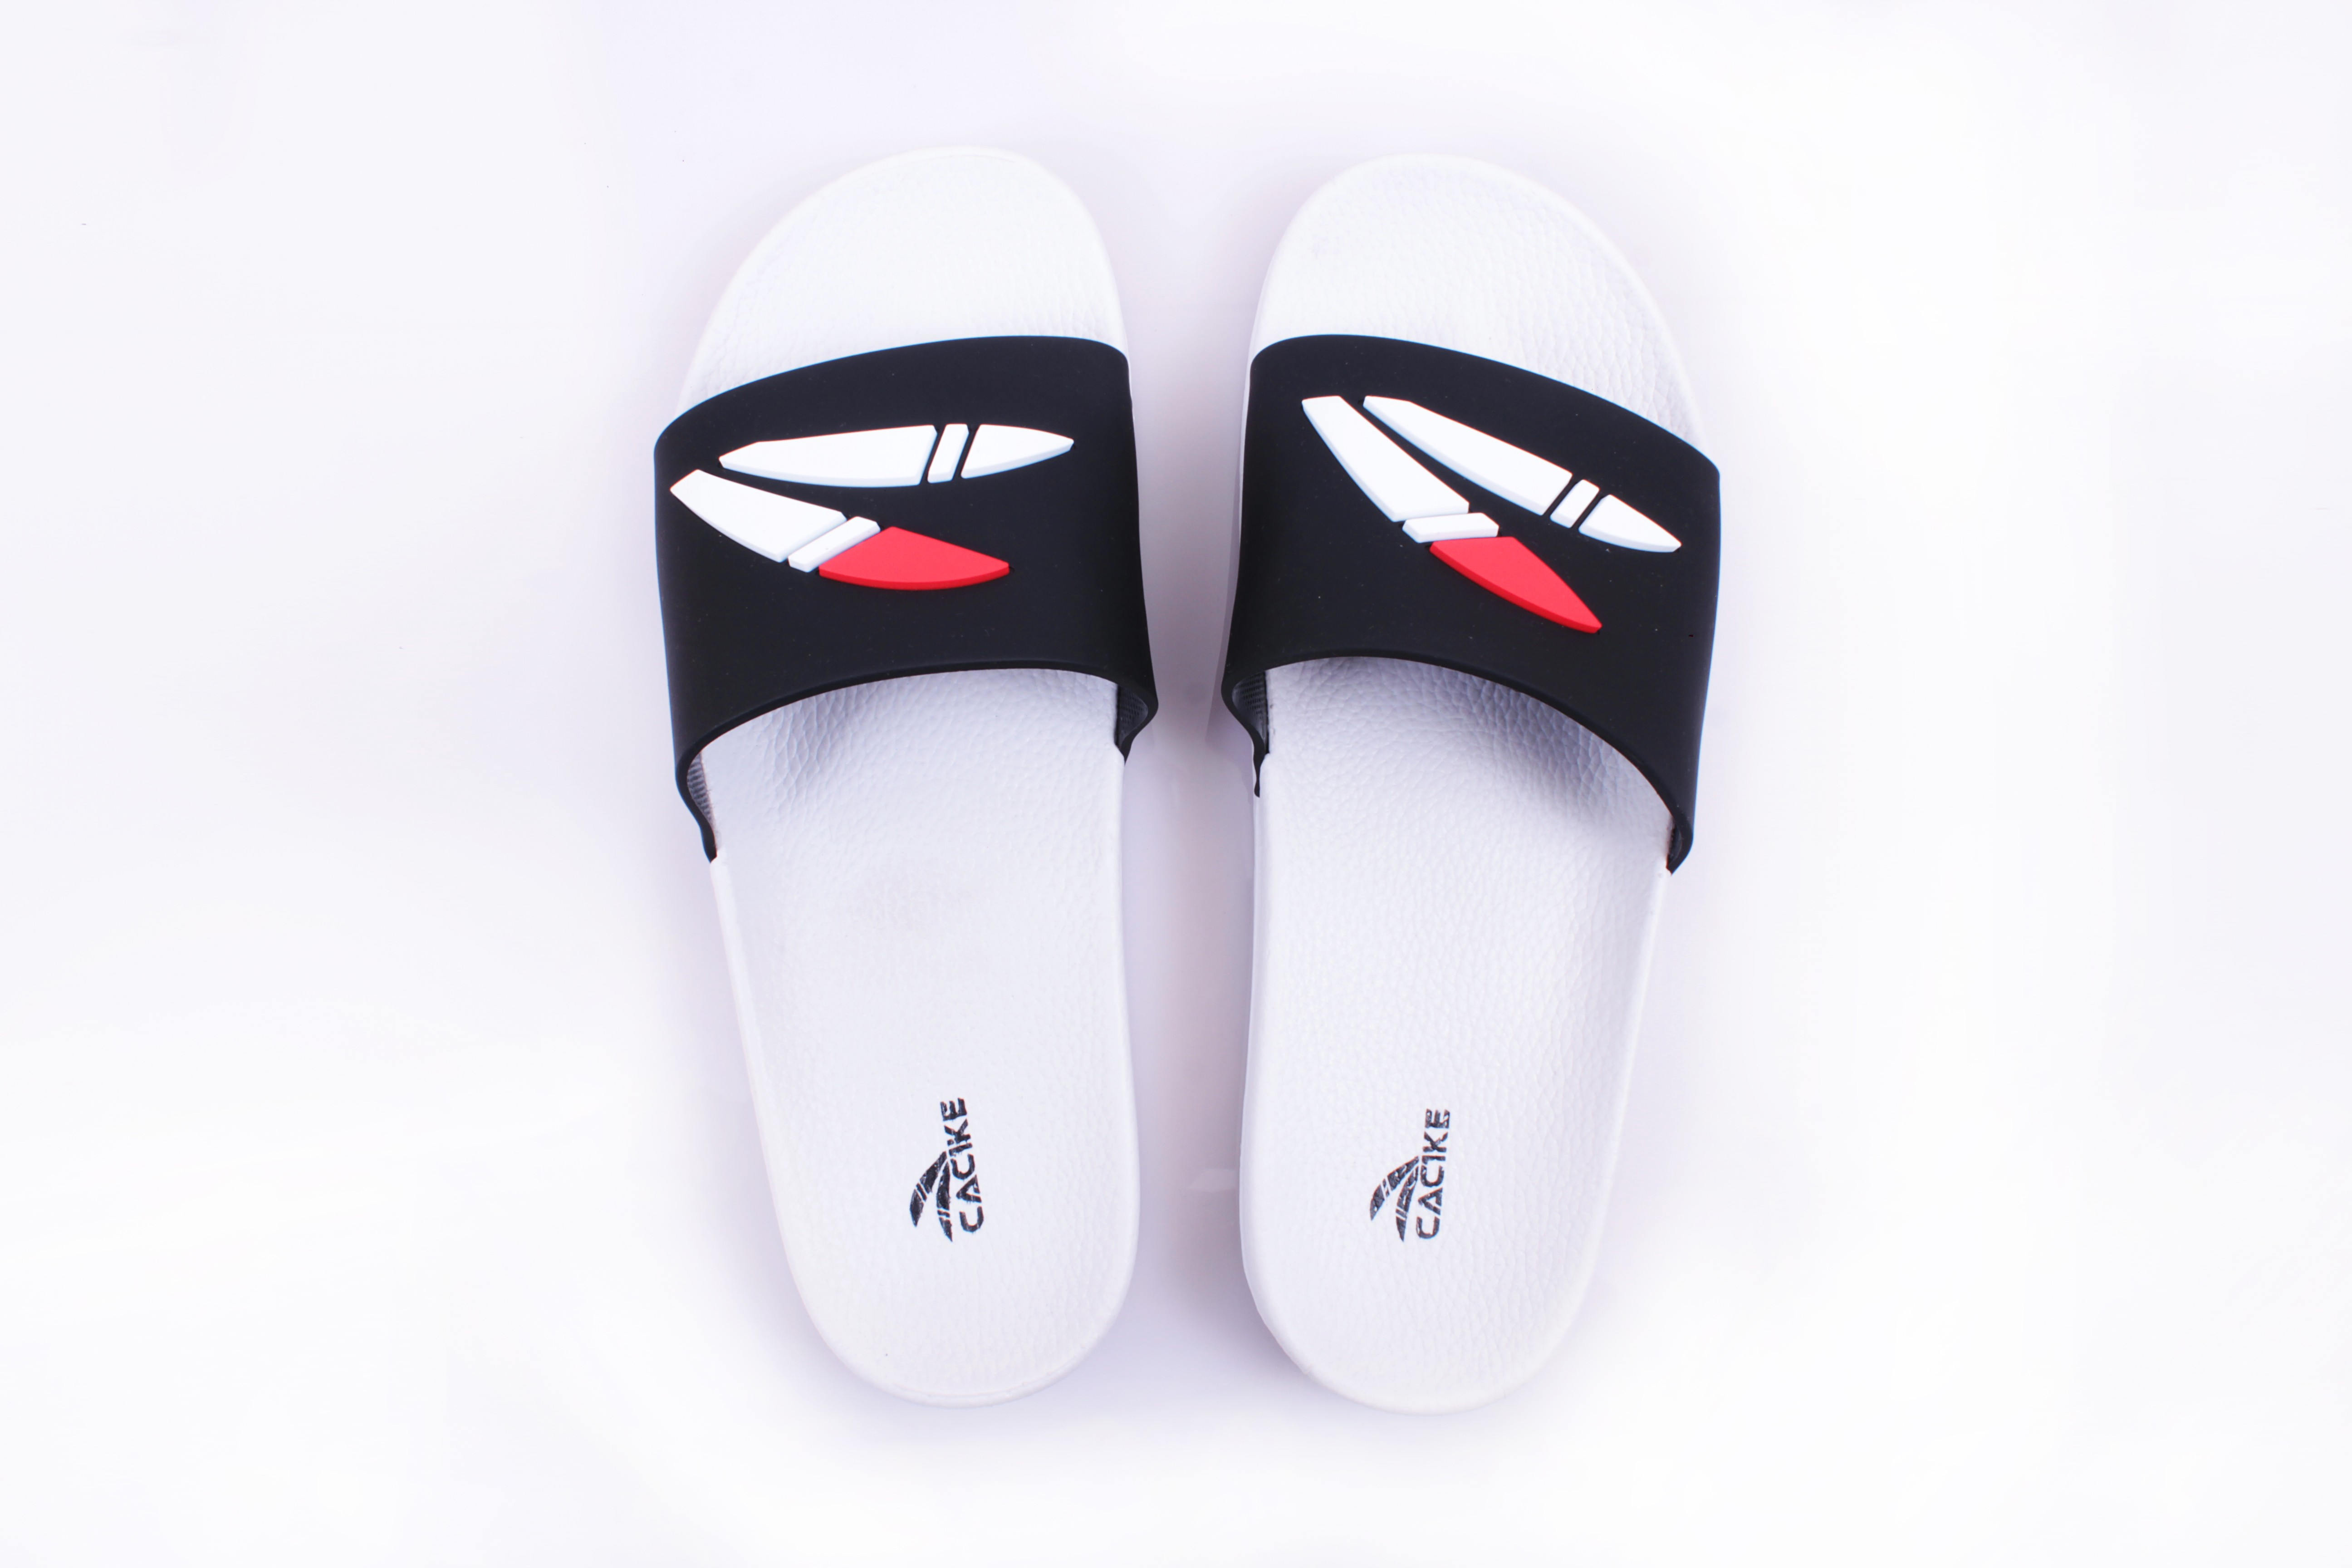 Sandalias de Hombre Pluma Cac1ke Blanco